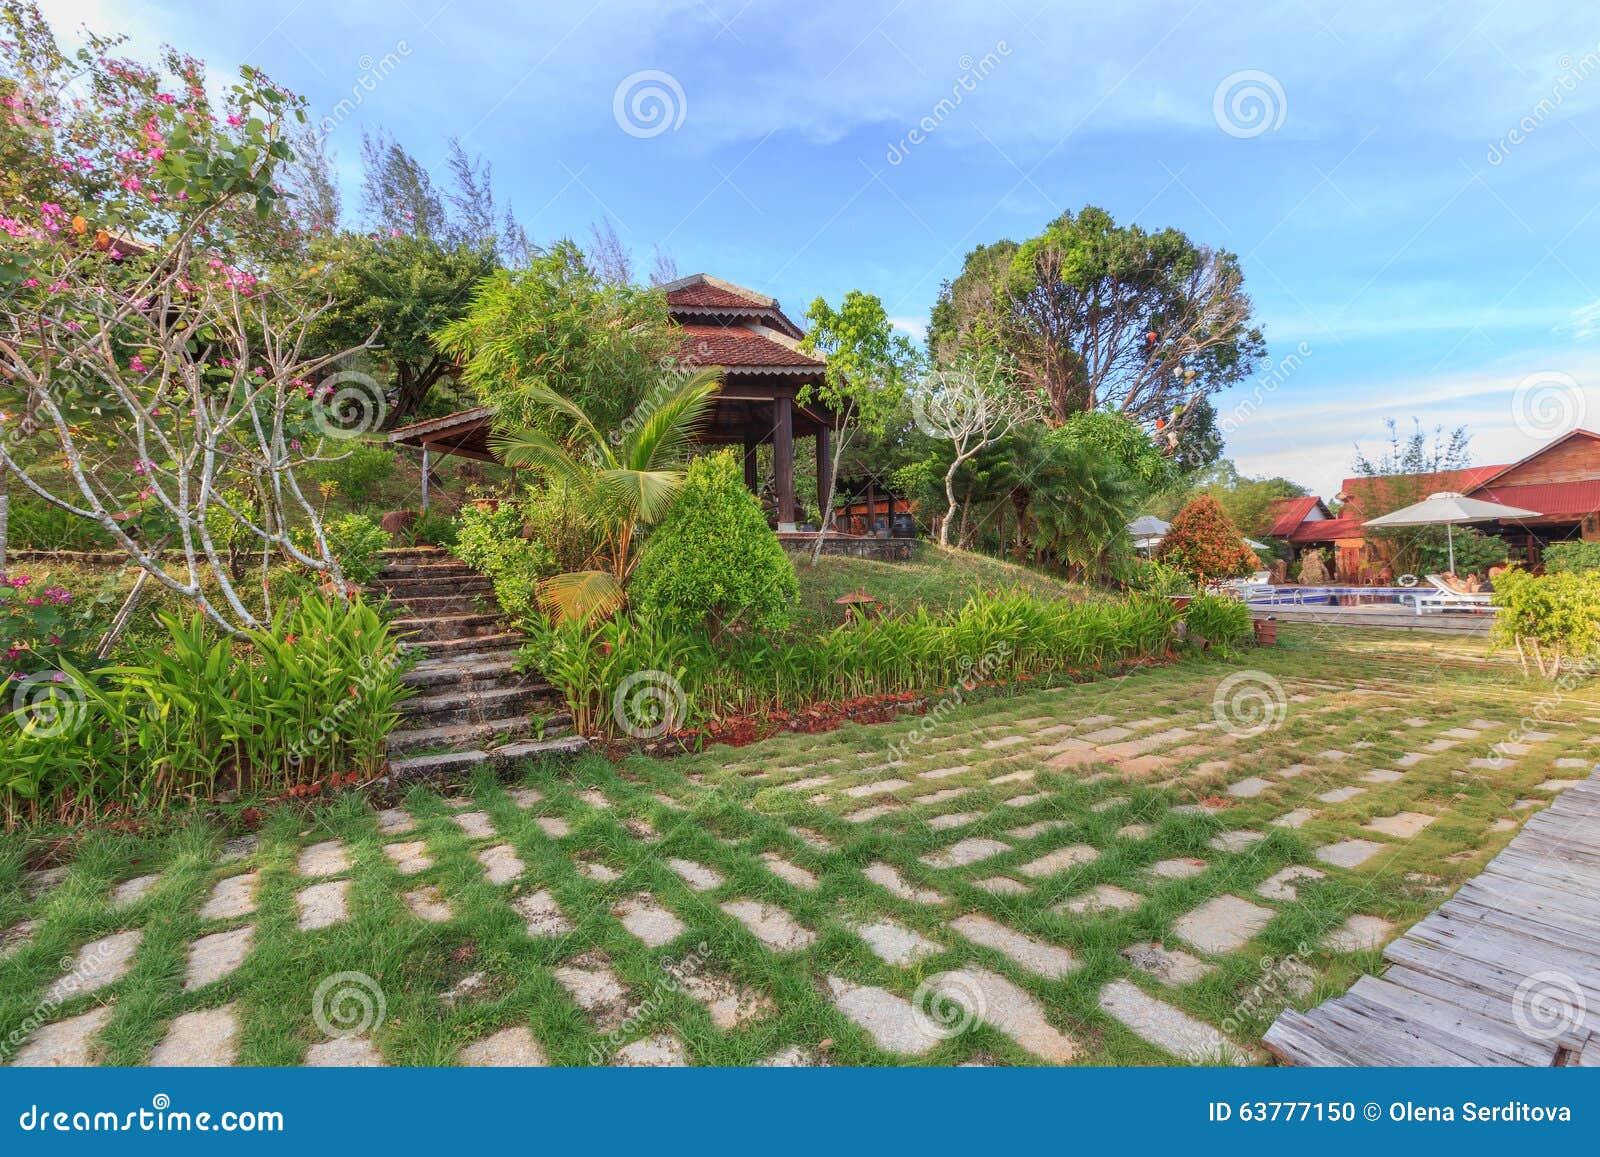 Asian Tropical Garden Stock Photo Image 63777150